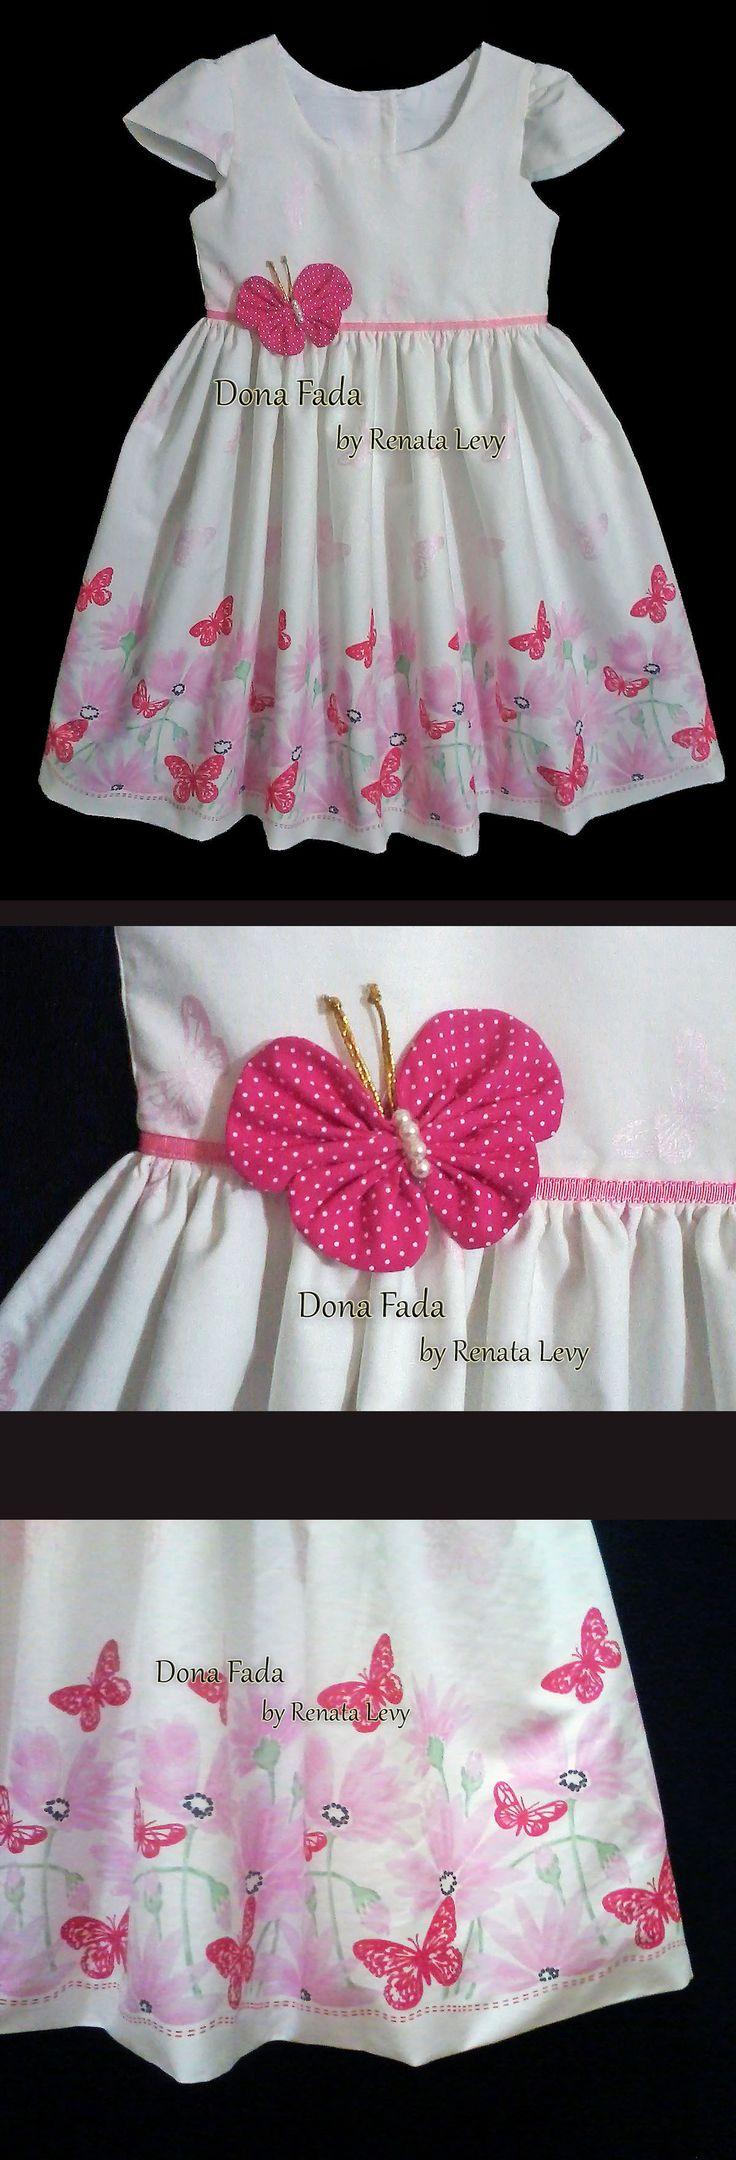 Vestido Barrado Borboletas - 7 anos  - - - - - baby - infant - toddler - kids - clothes for girls - - - https://www.facebook.com/dona.fada.moda.para.fadinhas/